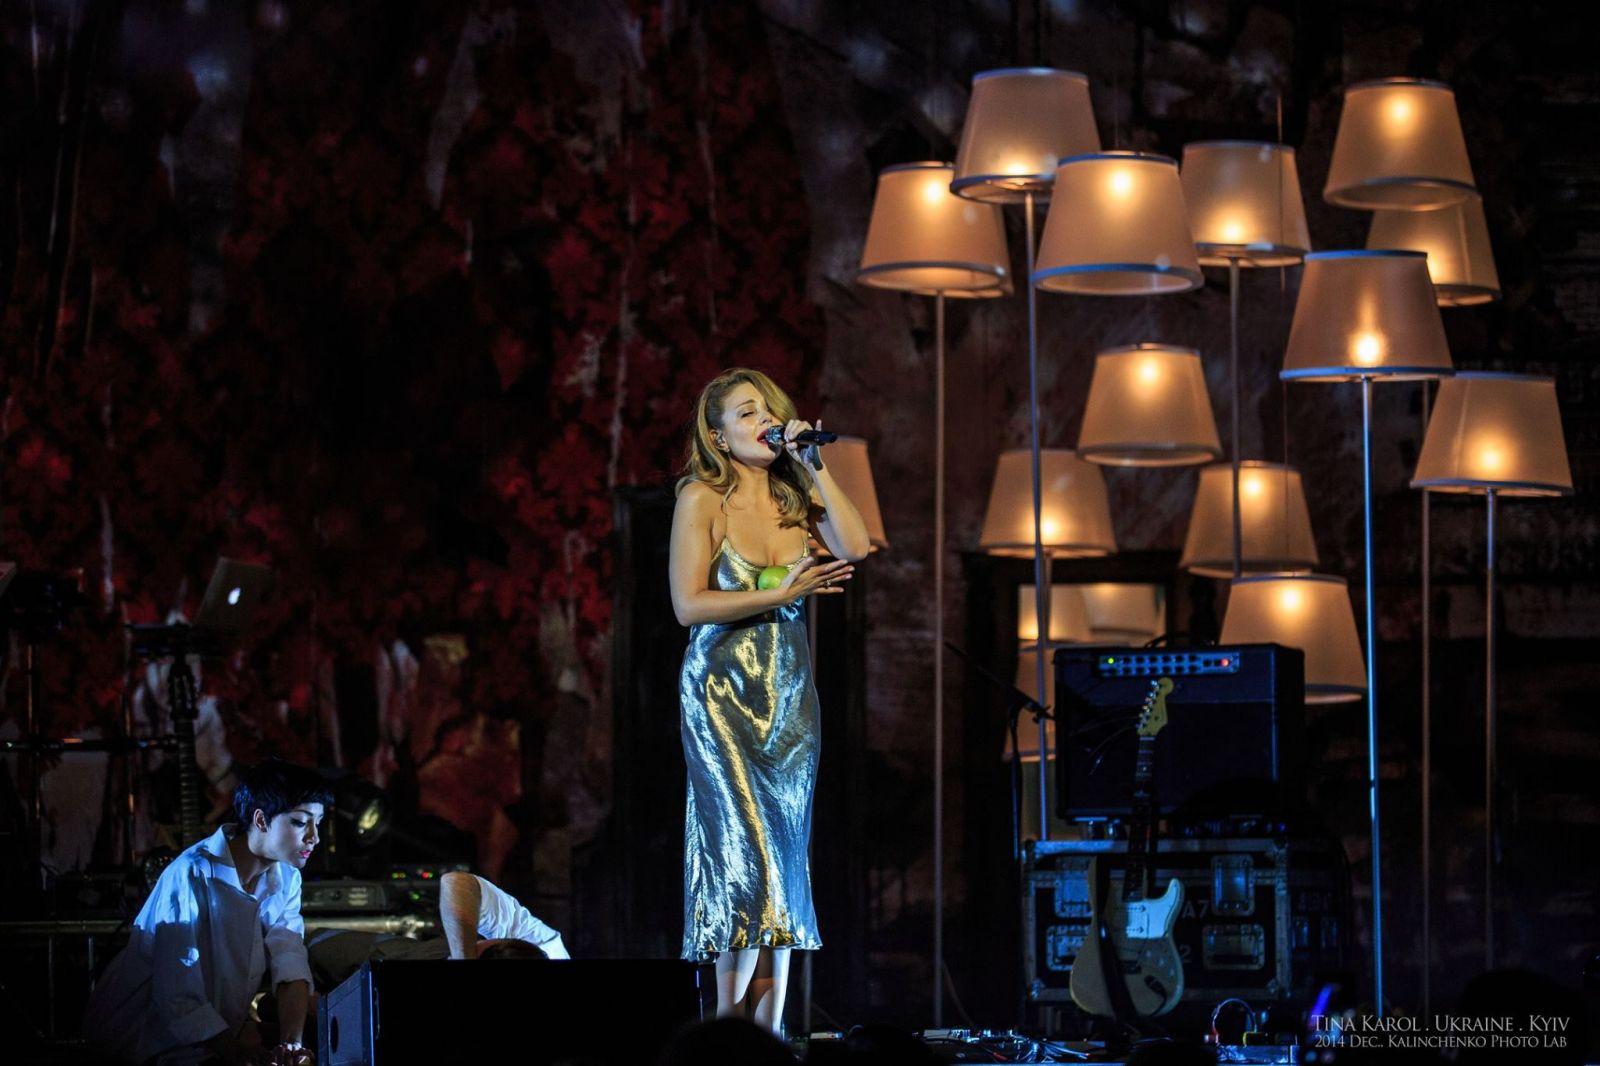 Тина Кароль на концерте в Киеве